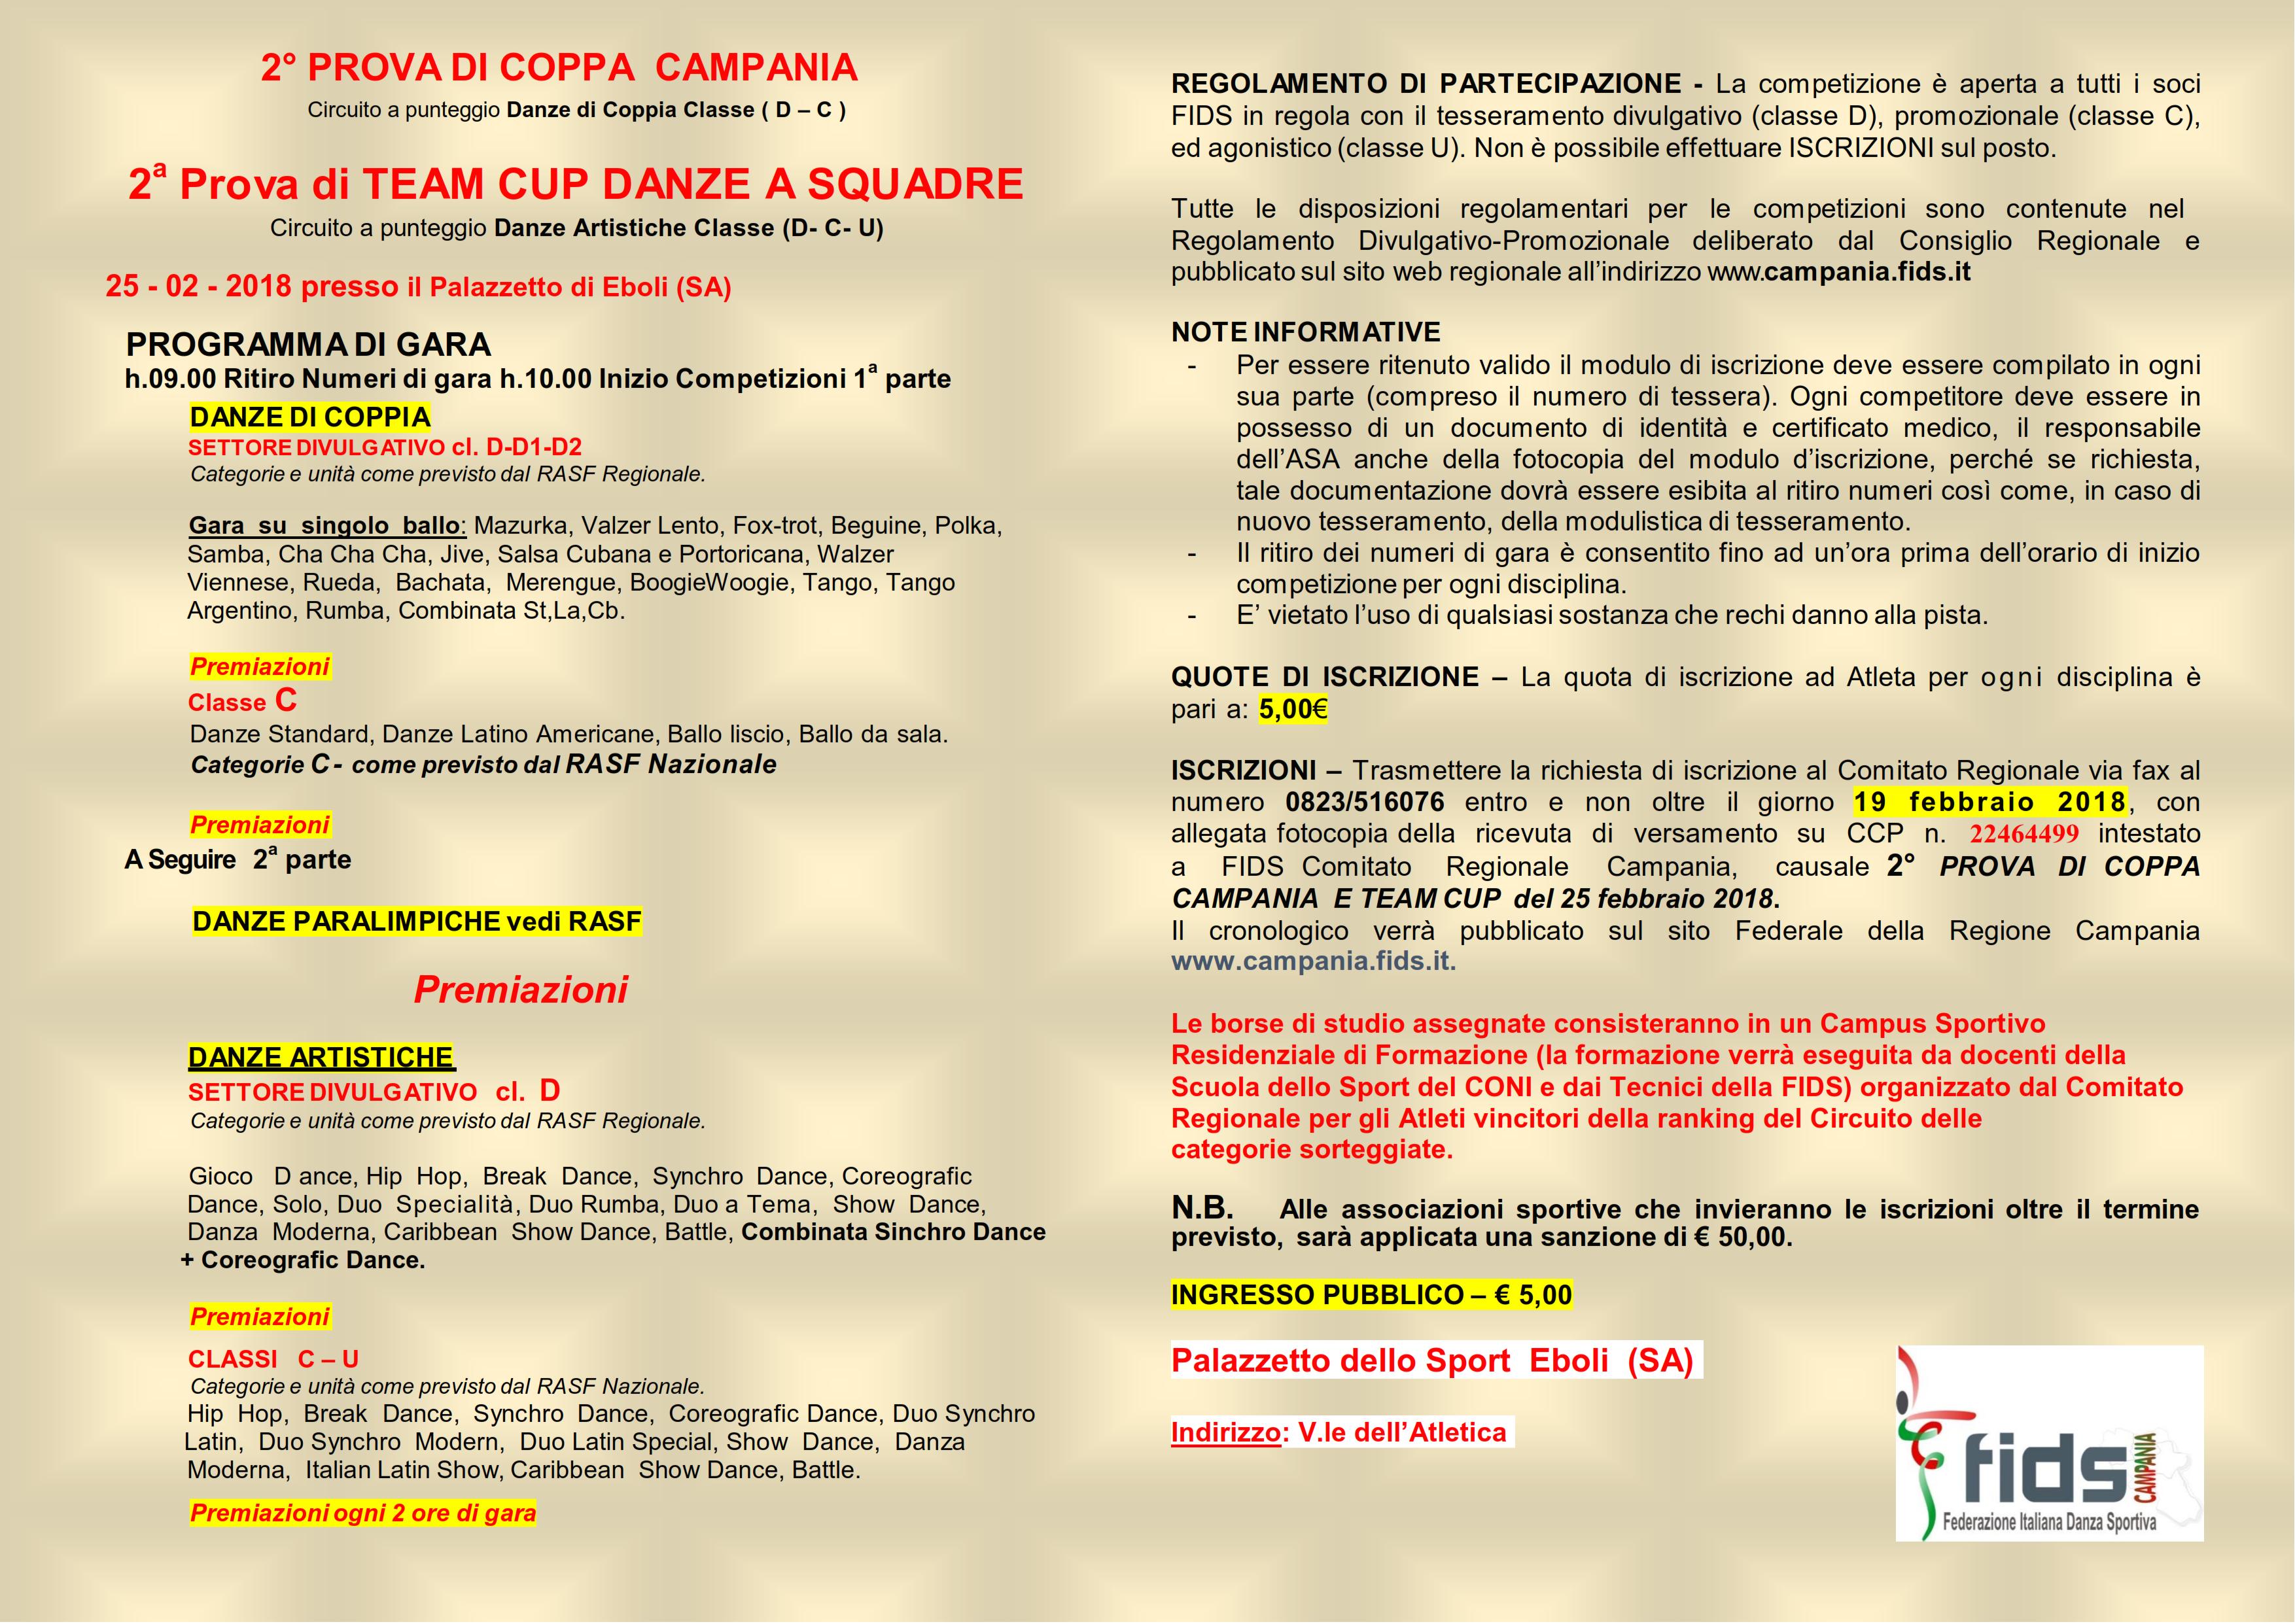 2° COPPA CAMPANIA EBOLI_003